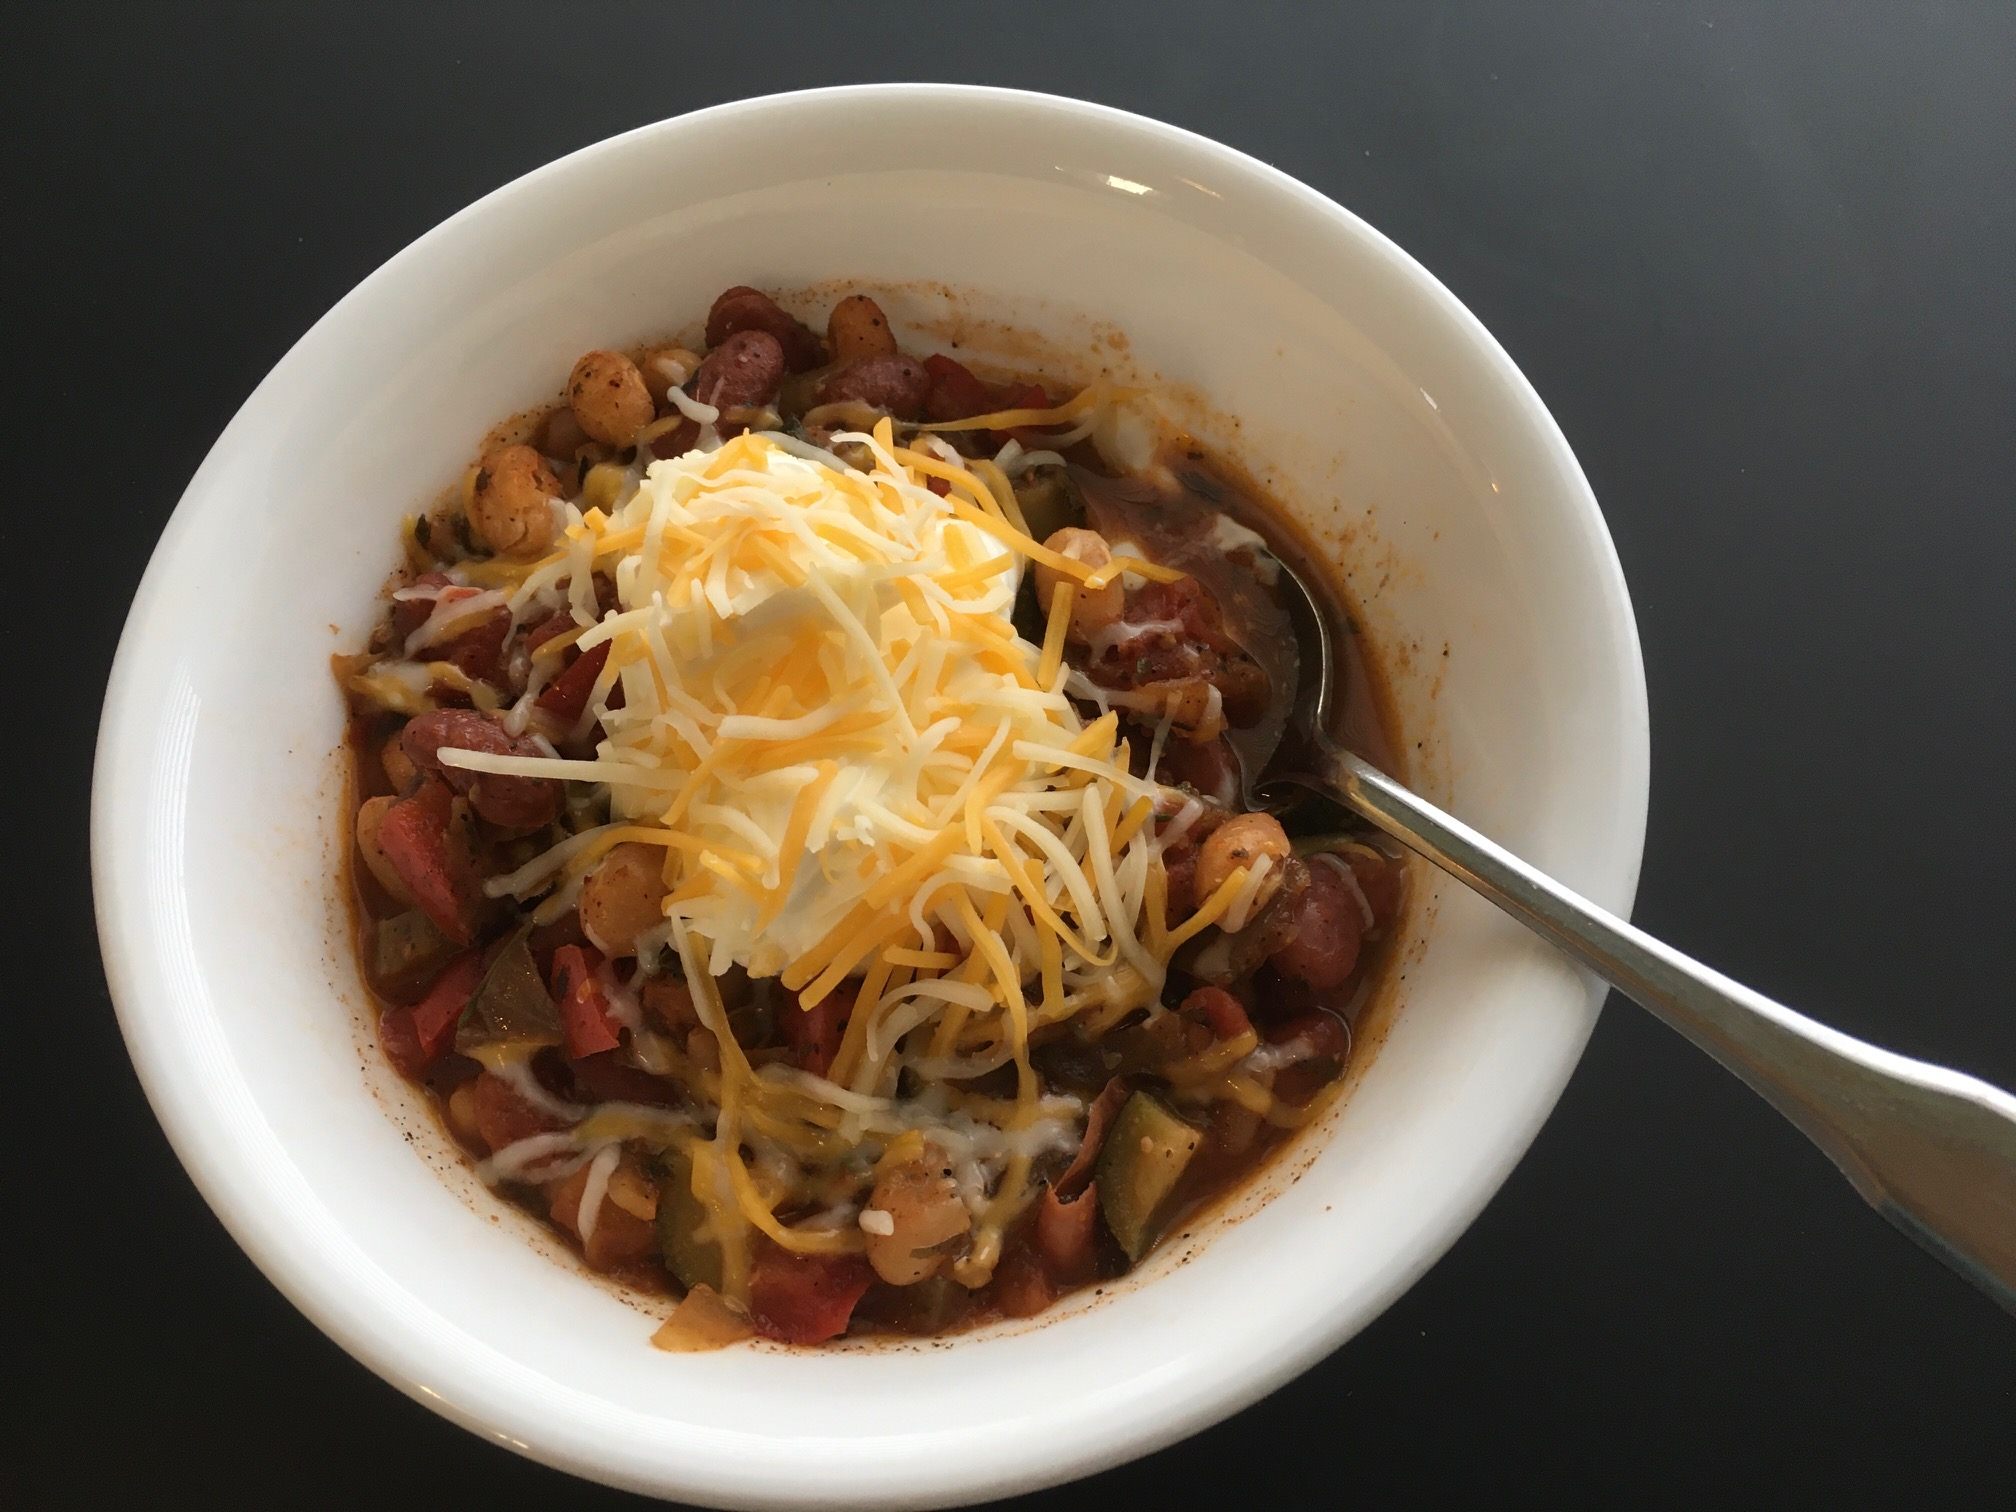 chili vegetarian